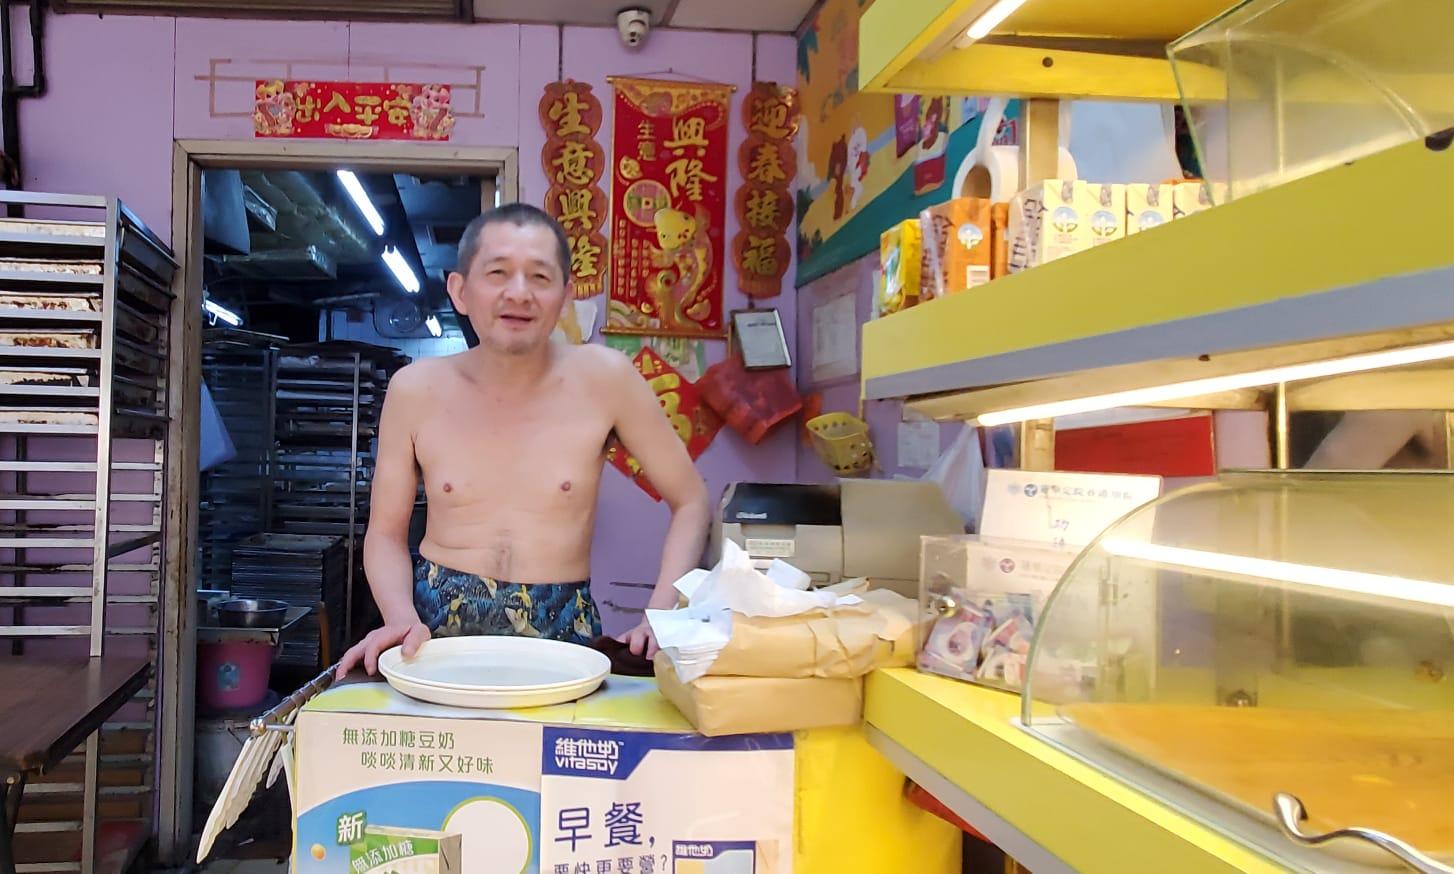 土瓜灣道麵包店負責人吳先生希望社會平靜點好。